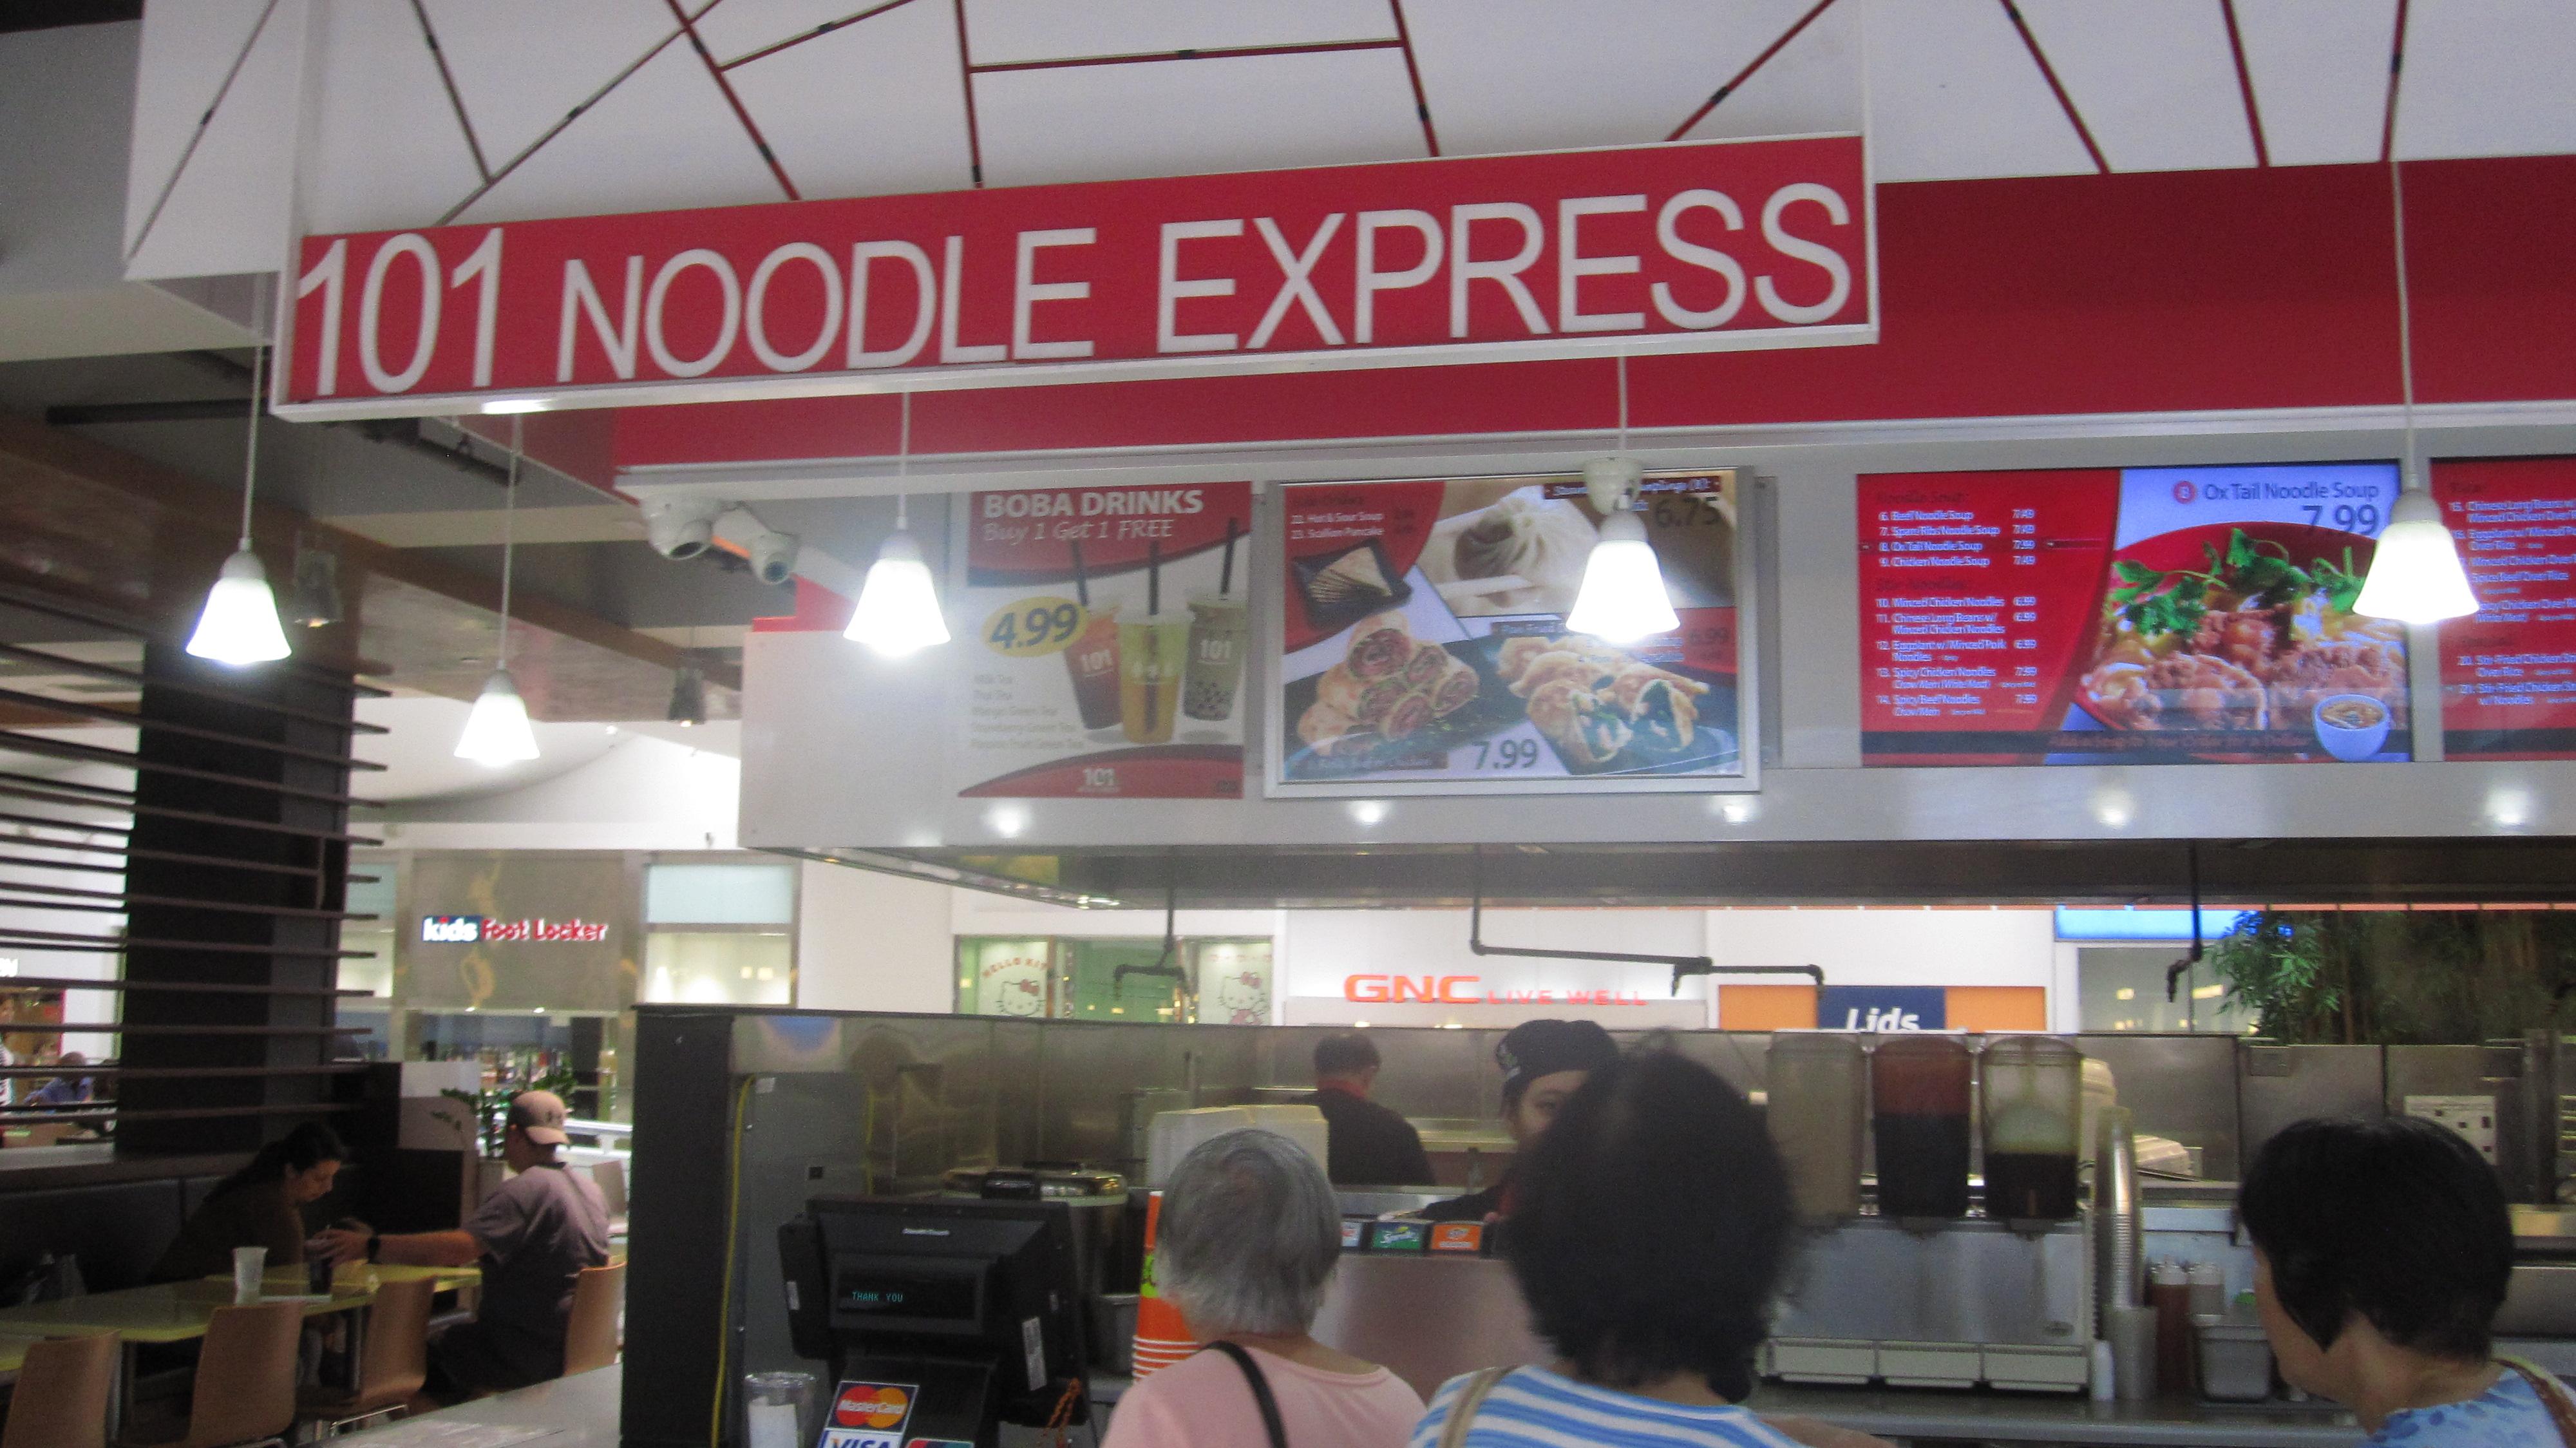 101 noodle express 101 – Express Culver City Noodle